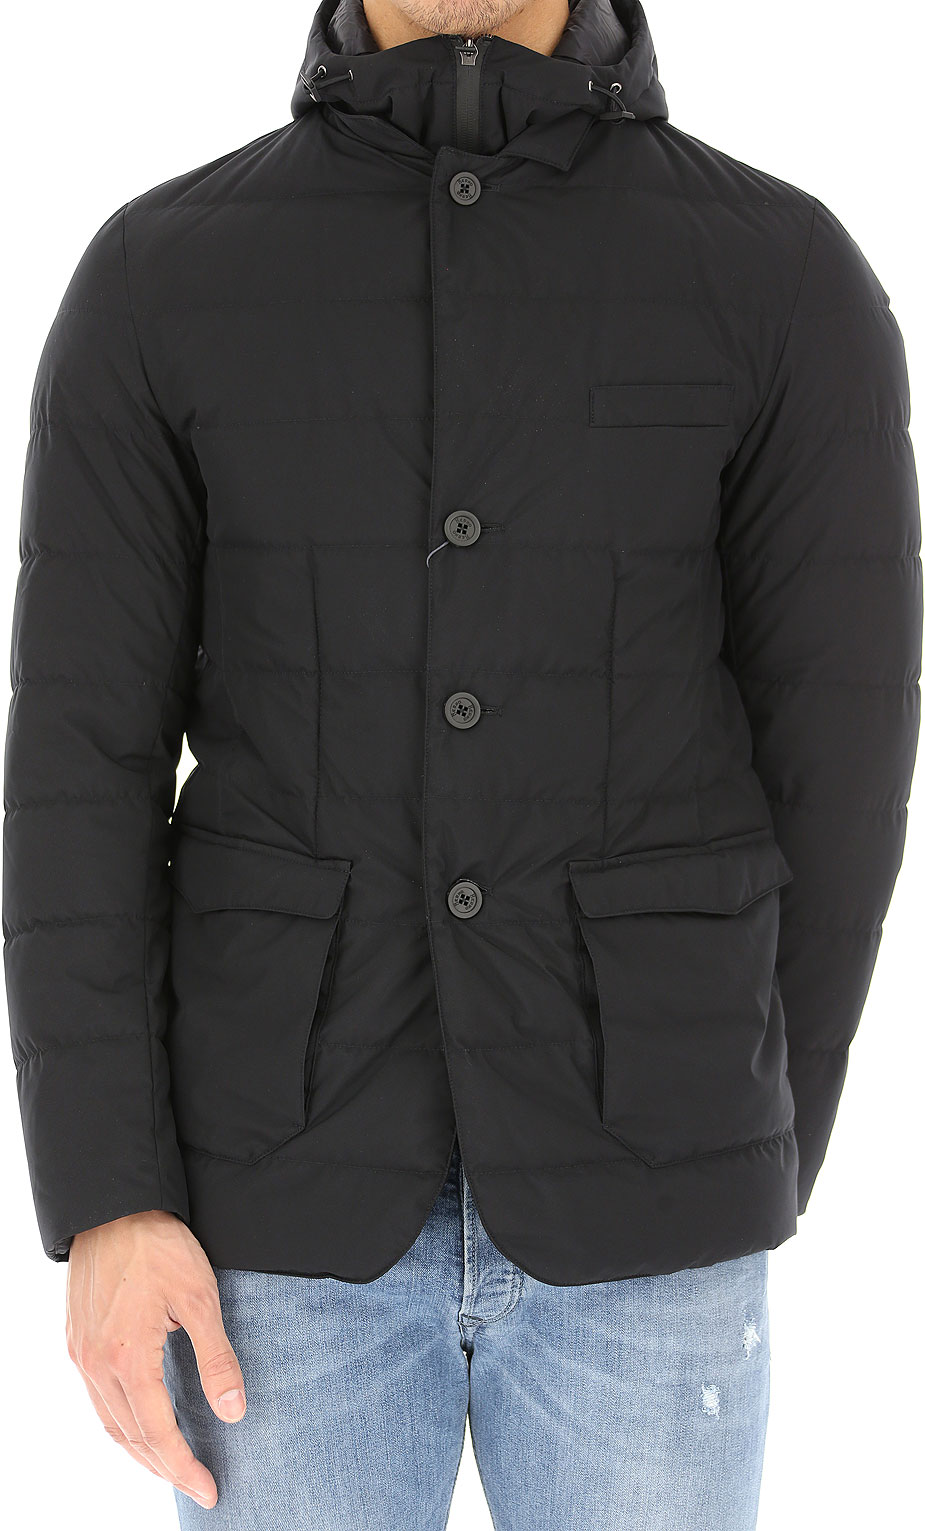 Abbigliamento Uomo Herno, Codice Articolo: pl062ul-111069300-